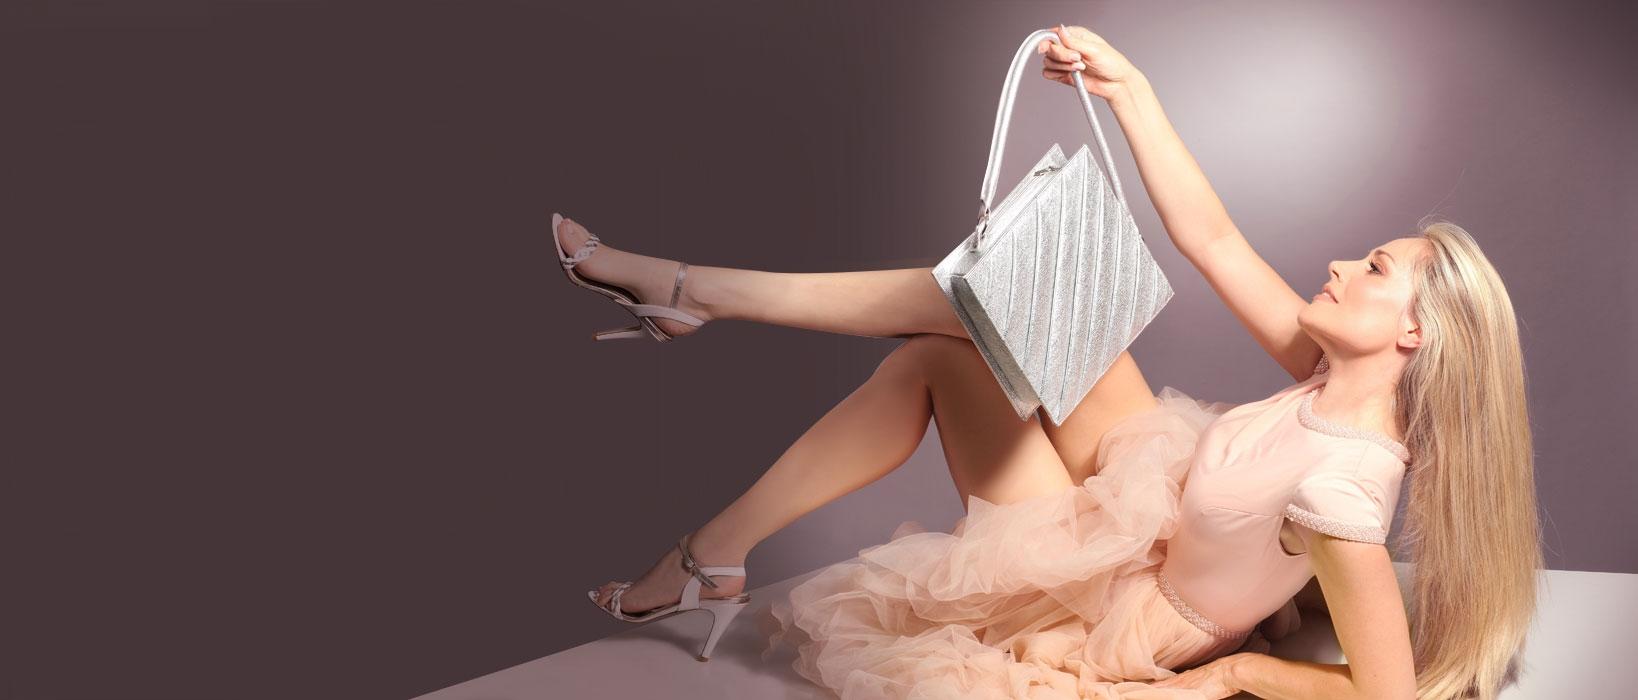 FOTO: UP DESIGN Slovenska dizajnerica specijalizirana za stylish torbice od kože